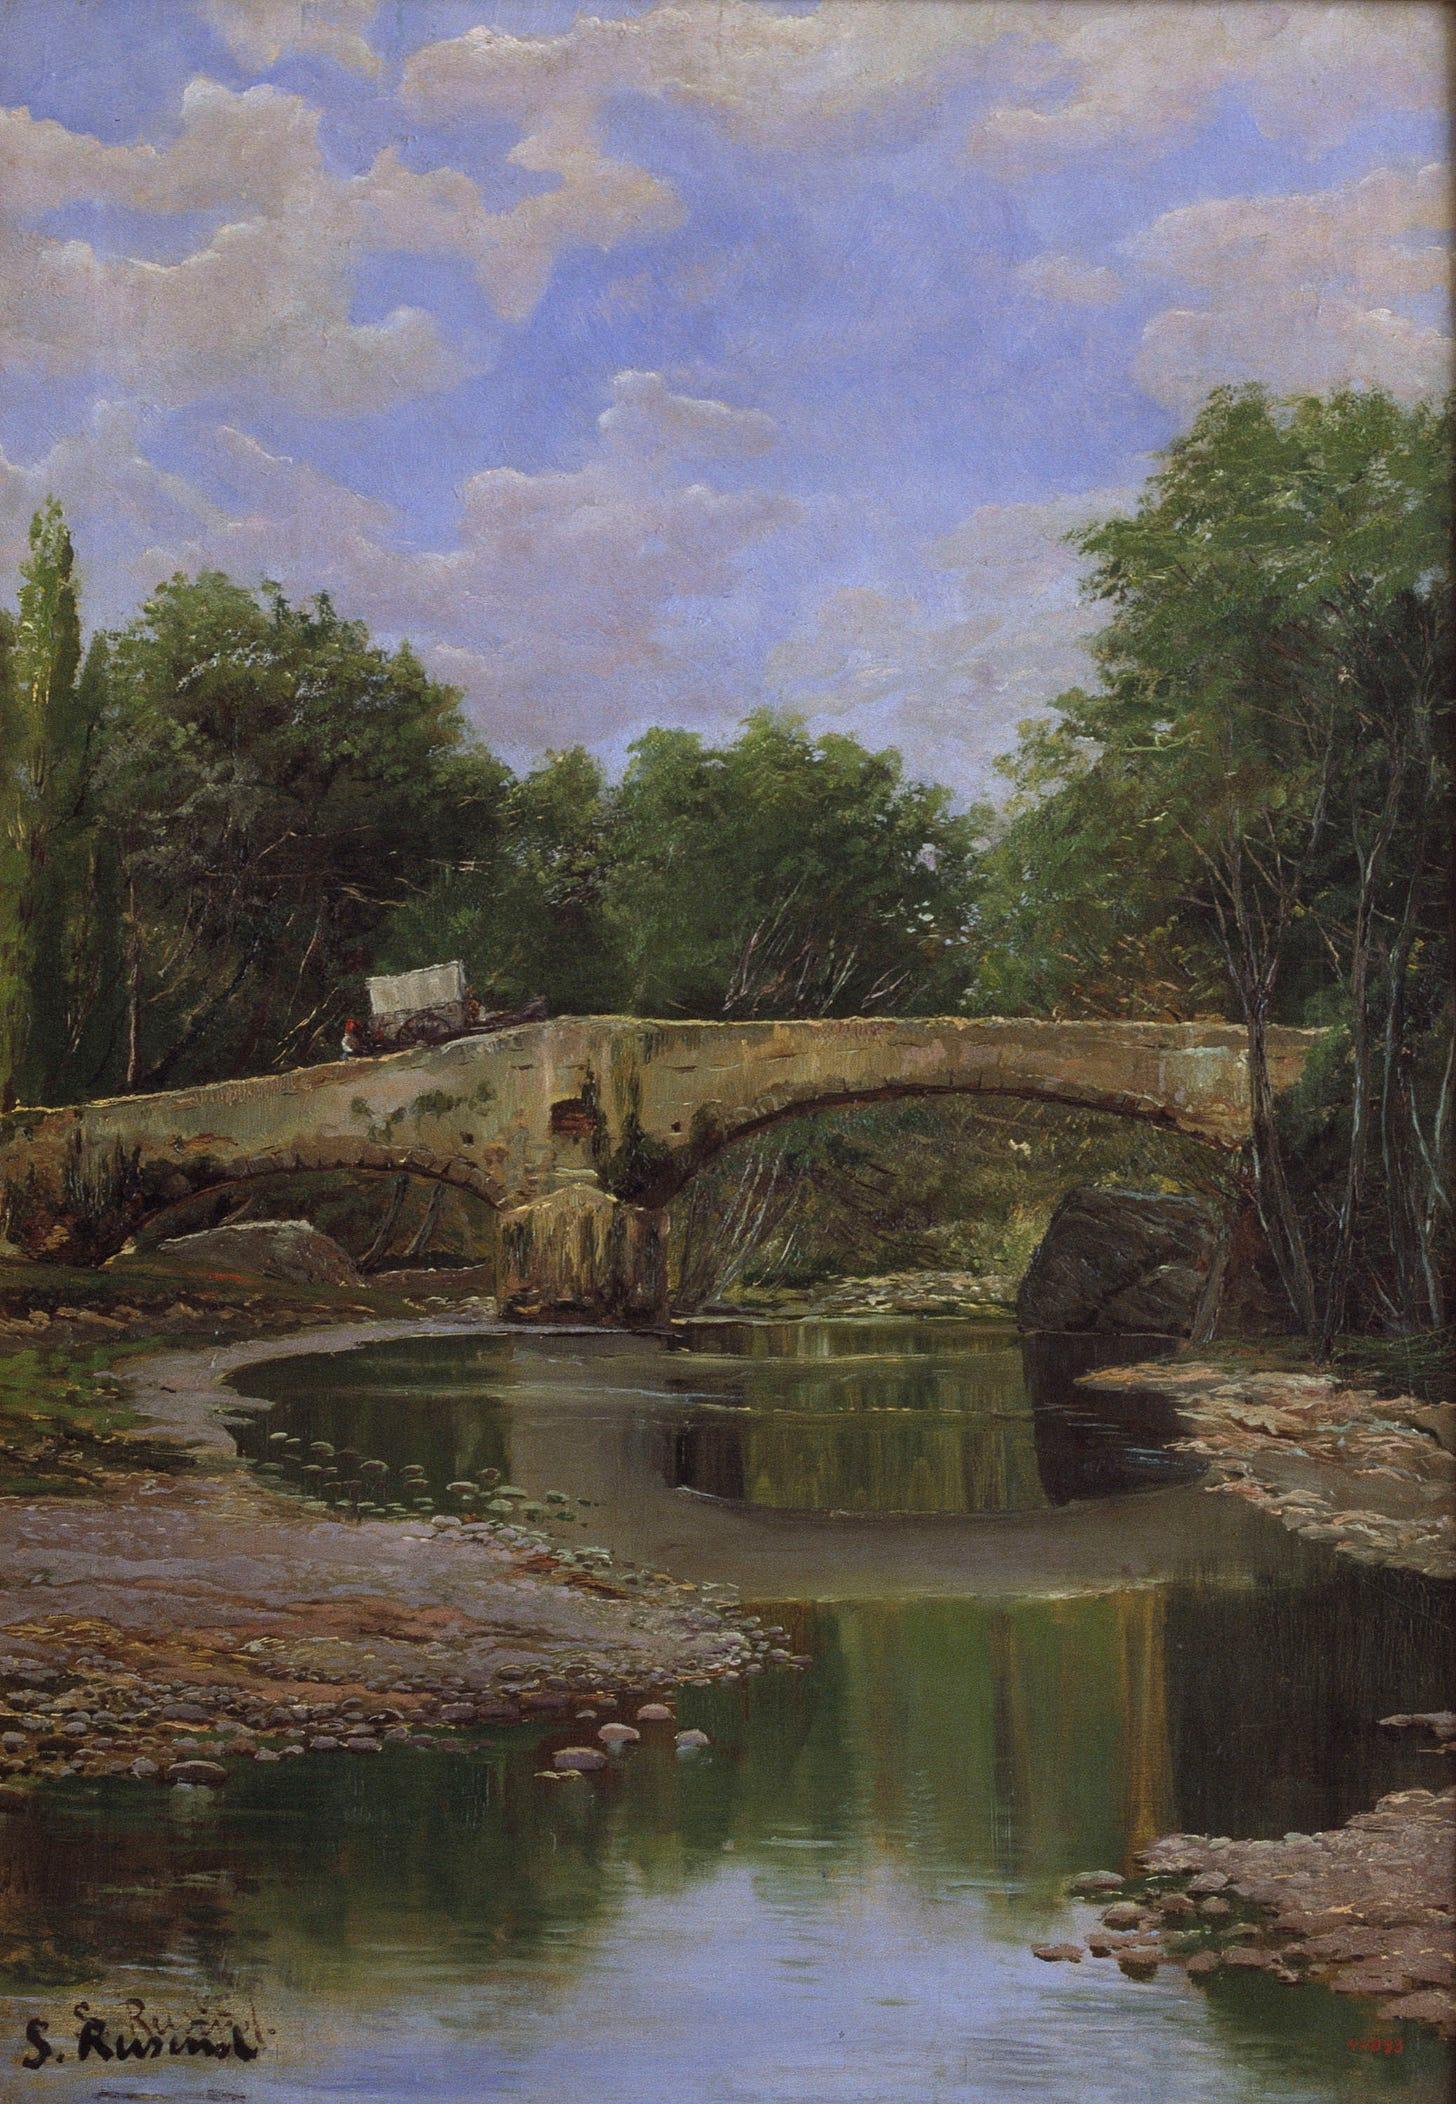 Santiago Rusiñol - Pont sobre un riu - Barcelona, Cap a 1884